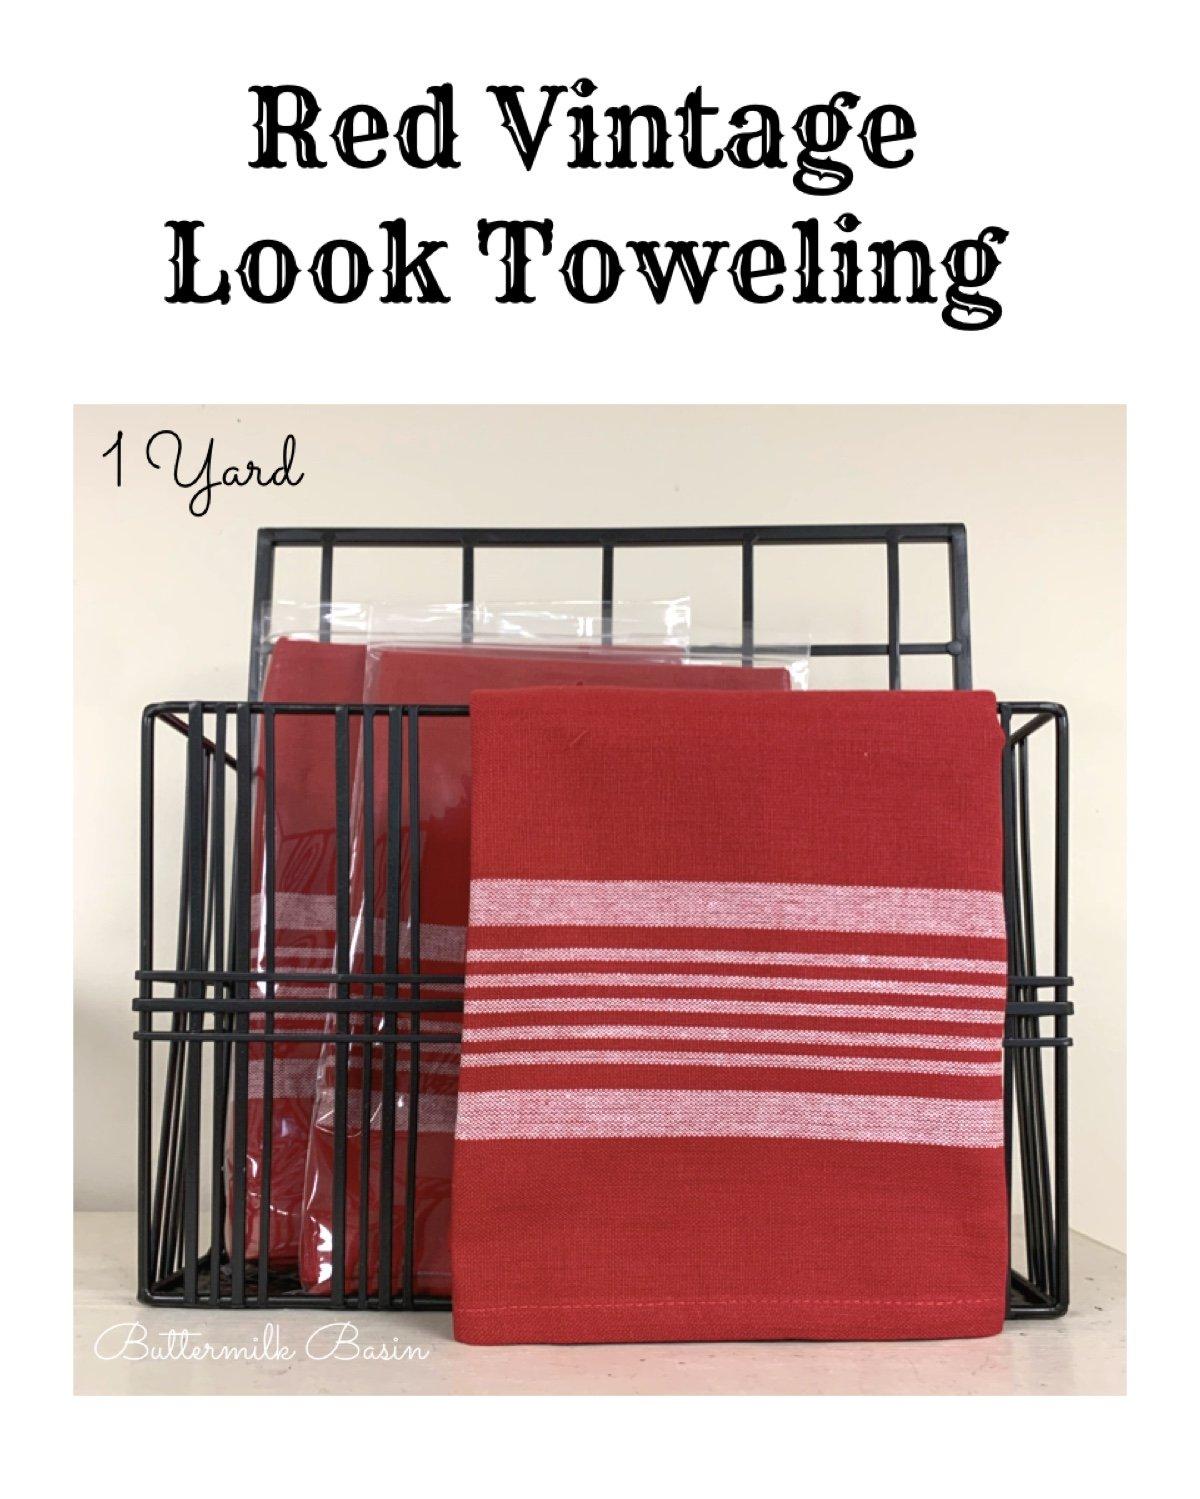 Red Vintage Look Toweling